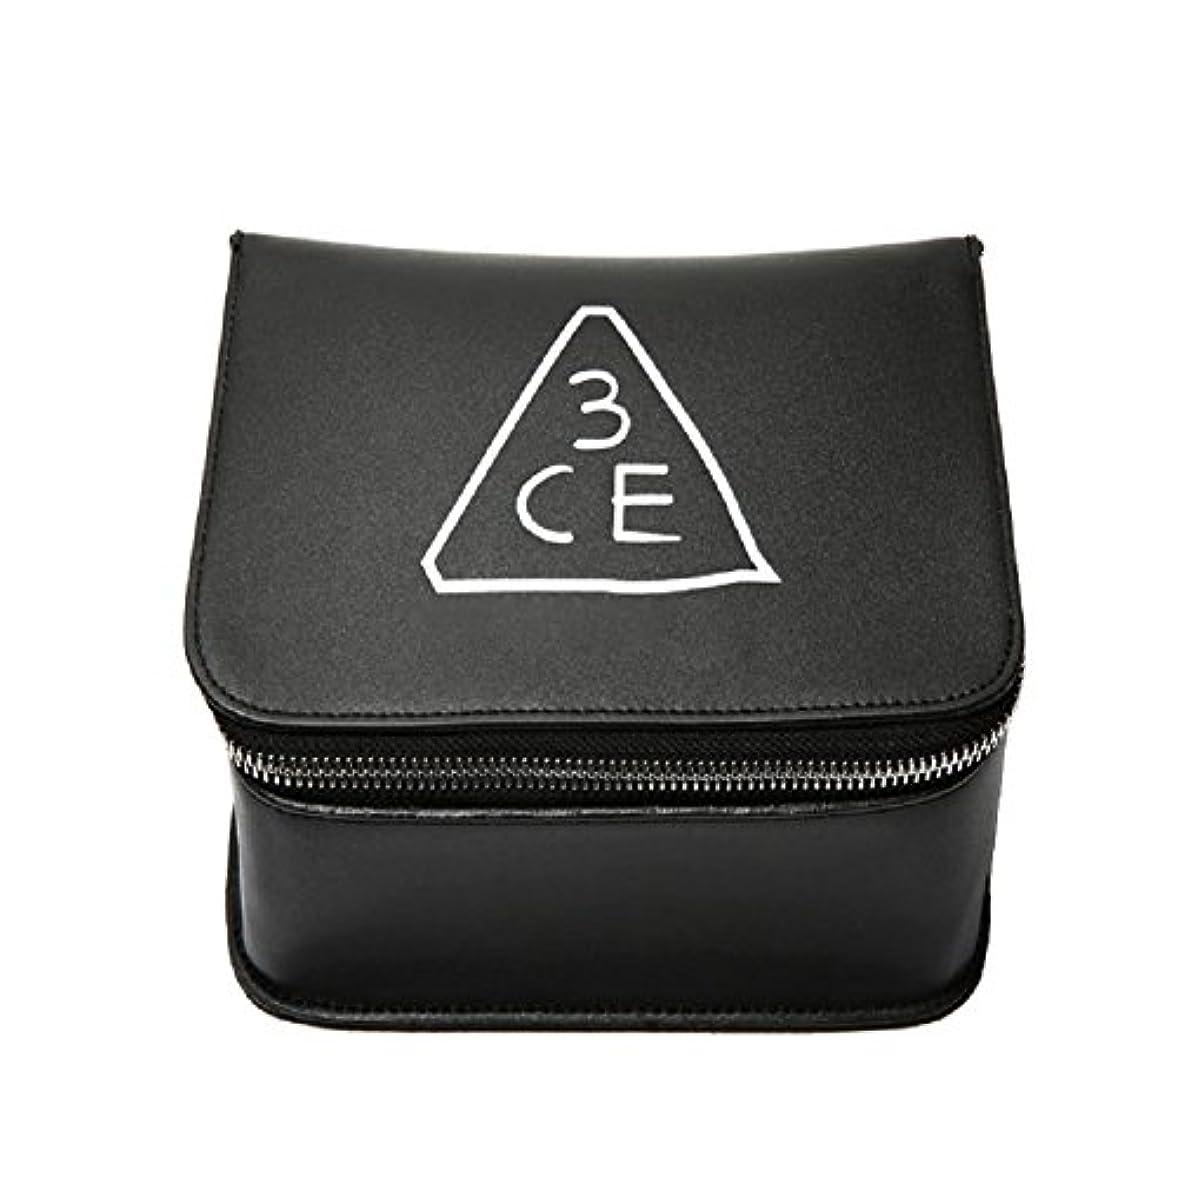 日帰り旅行にハシーしてはいけない3CE(3 CONCEPT EYES) COSMETIC BOX POUCH 化粧品 BOXポーチ stylenanda 婦人向け 旅行 ビッグサイズ[韓国並行輸入品]